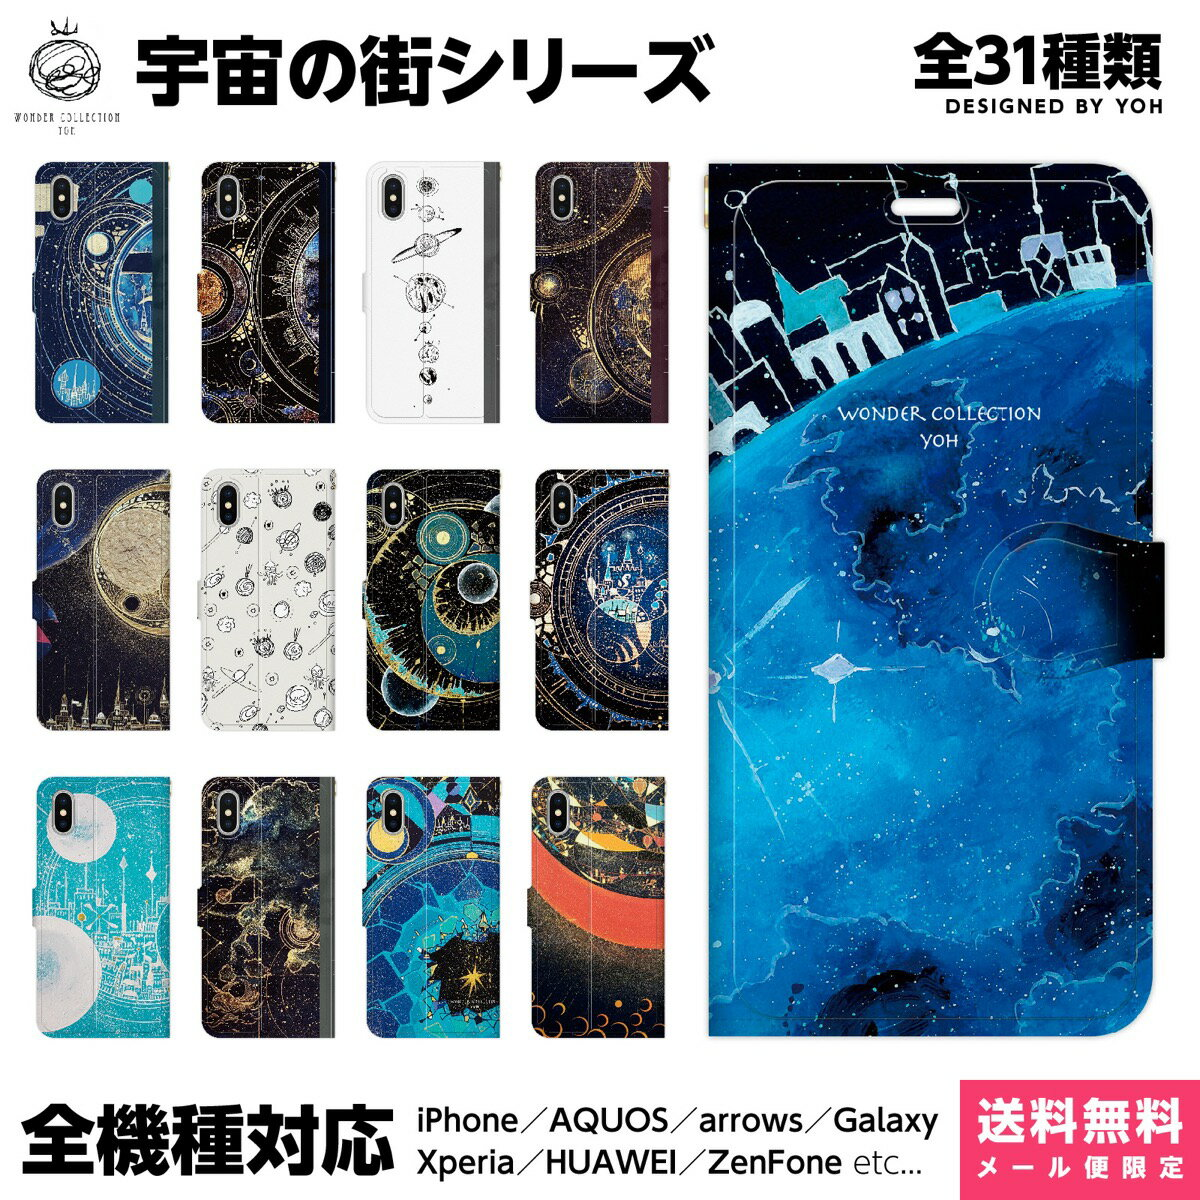 スマホケース 全機種対応 iPhone XS Max X iPhone8 iPhone7 Plus アイフォン iPhoneケース 手帳型 ケース iPhone6 6s 5 SE おもしろ 宇宙の街シリーズ よう イラスト おしゃれ 人気 イラスト マーズ サン ジュピター 童話 wonder collection planetシリーズ 宇宙